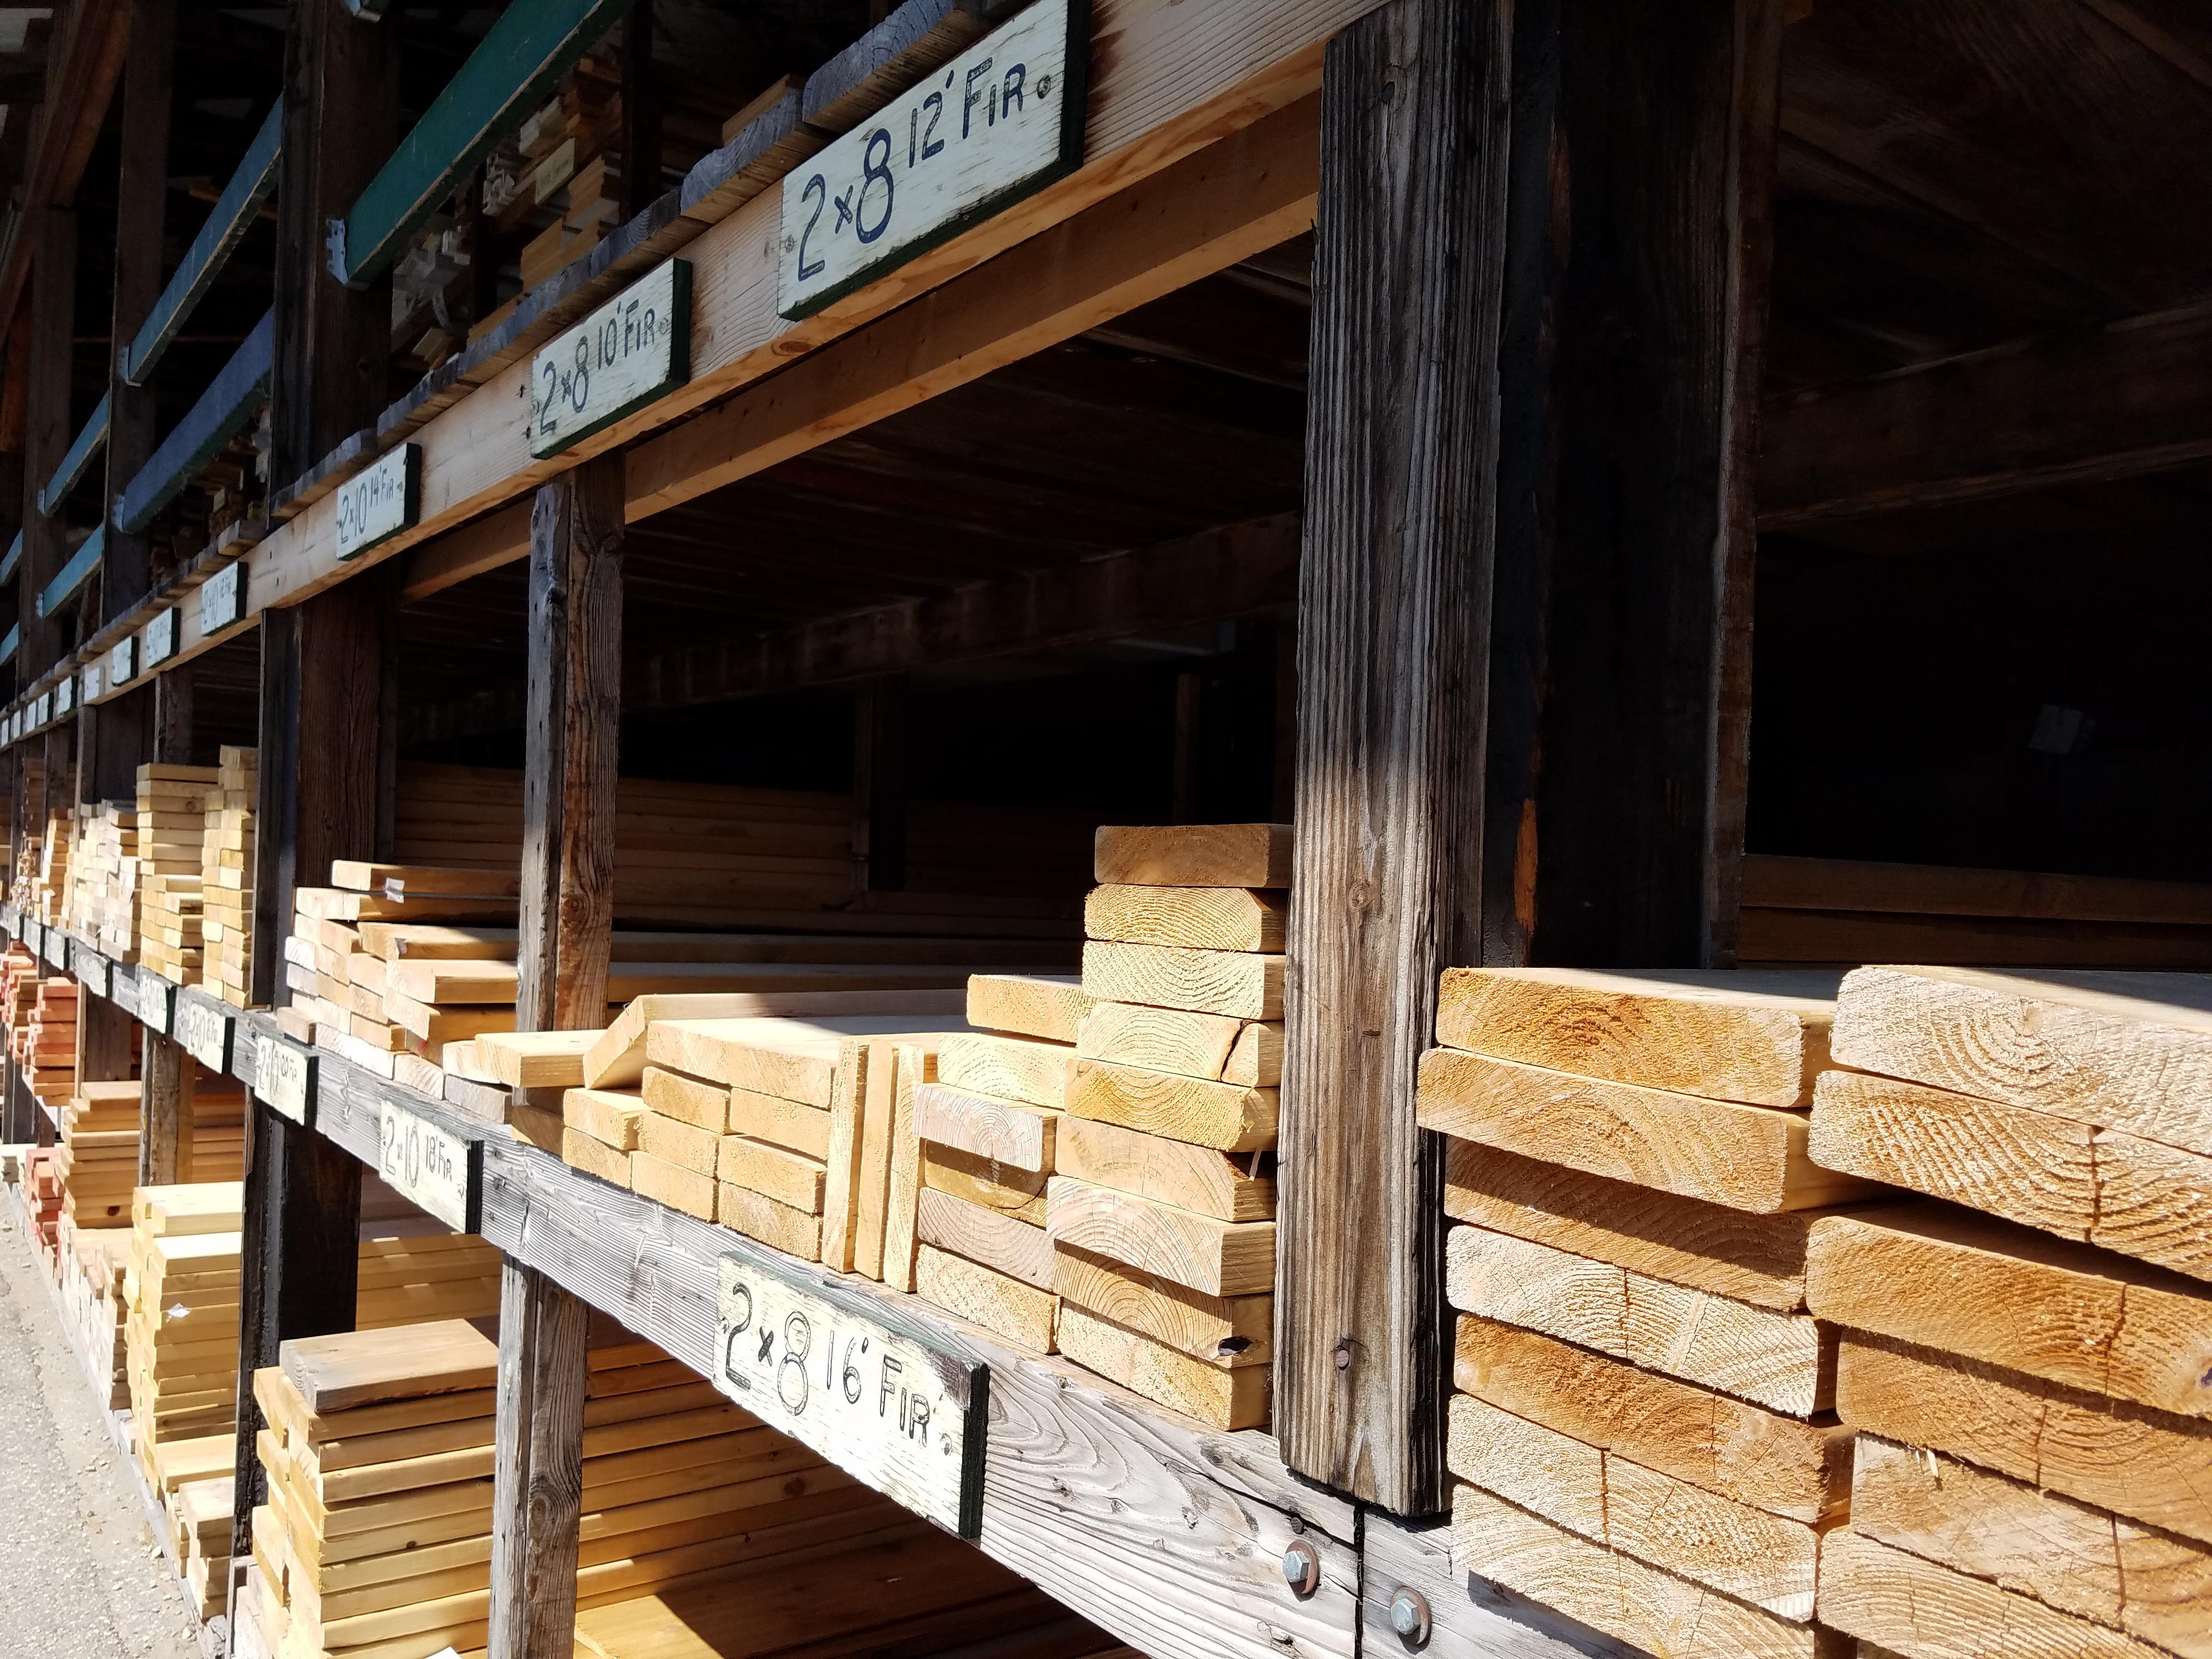 lumber-yard-7561.jpg